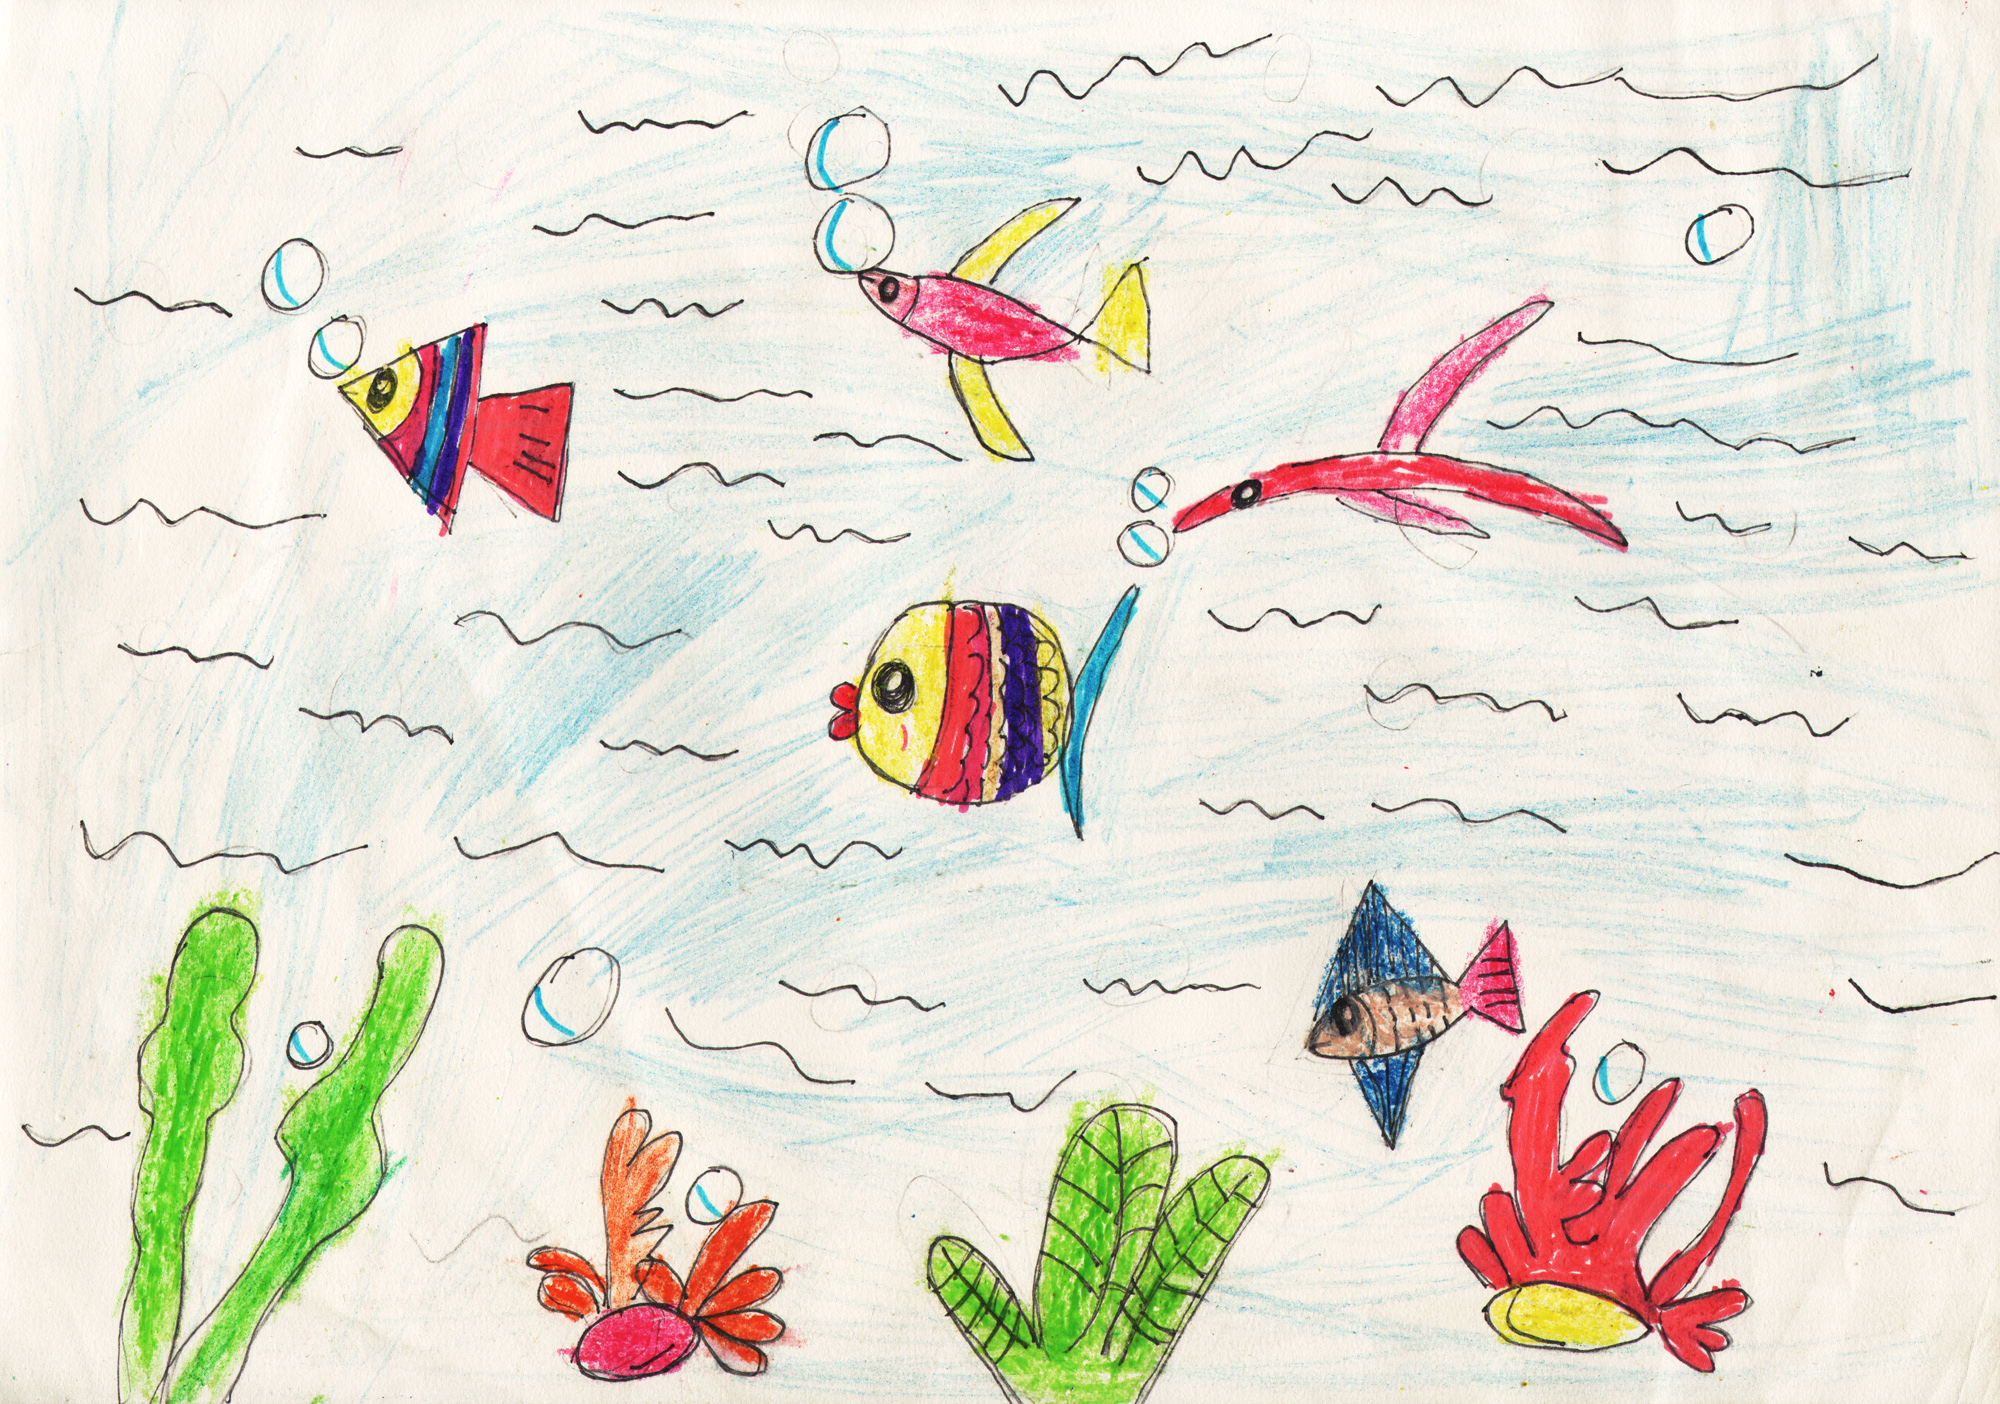 鱼-蜡笔画图集29